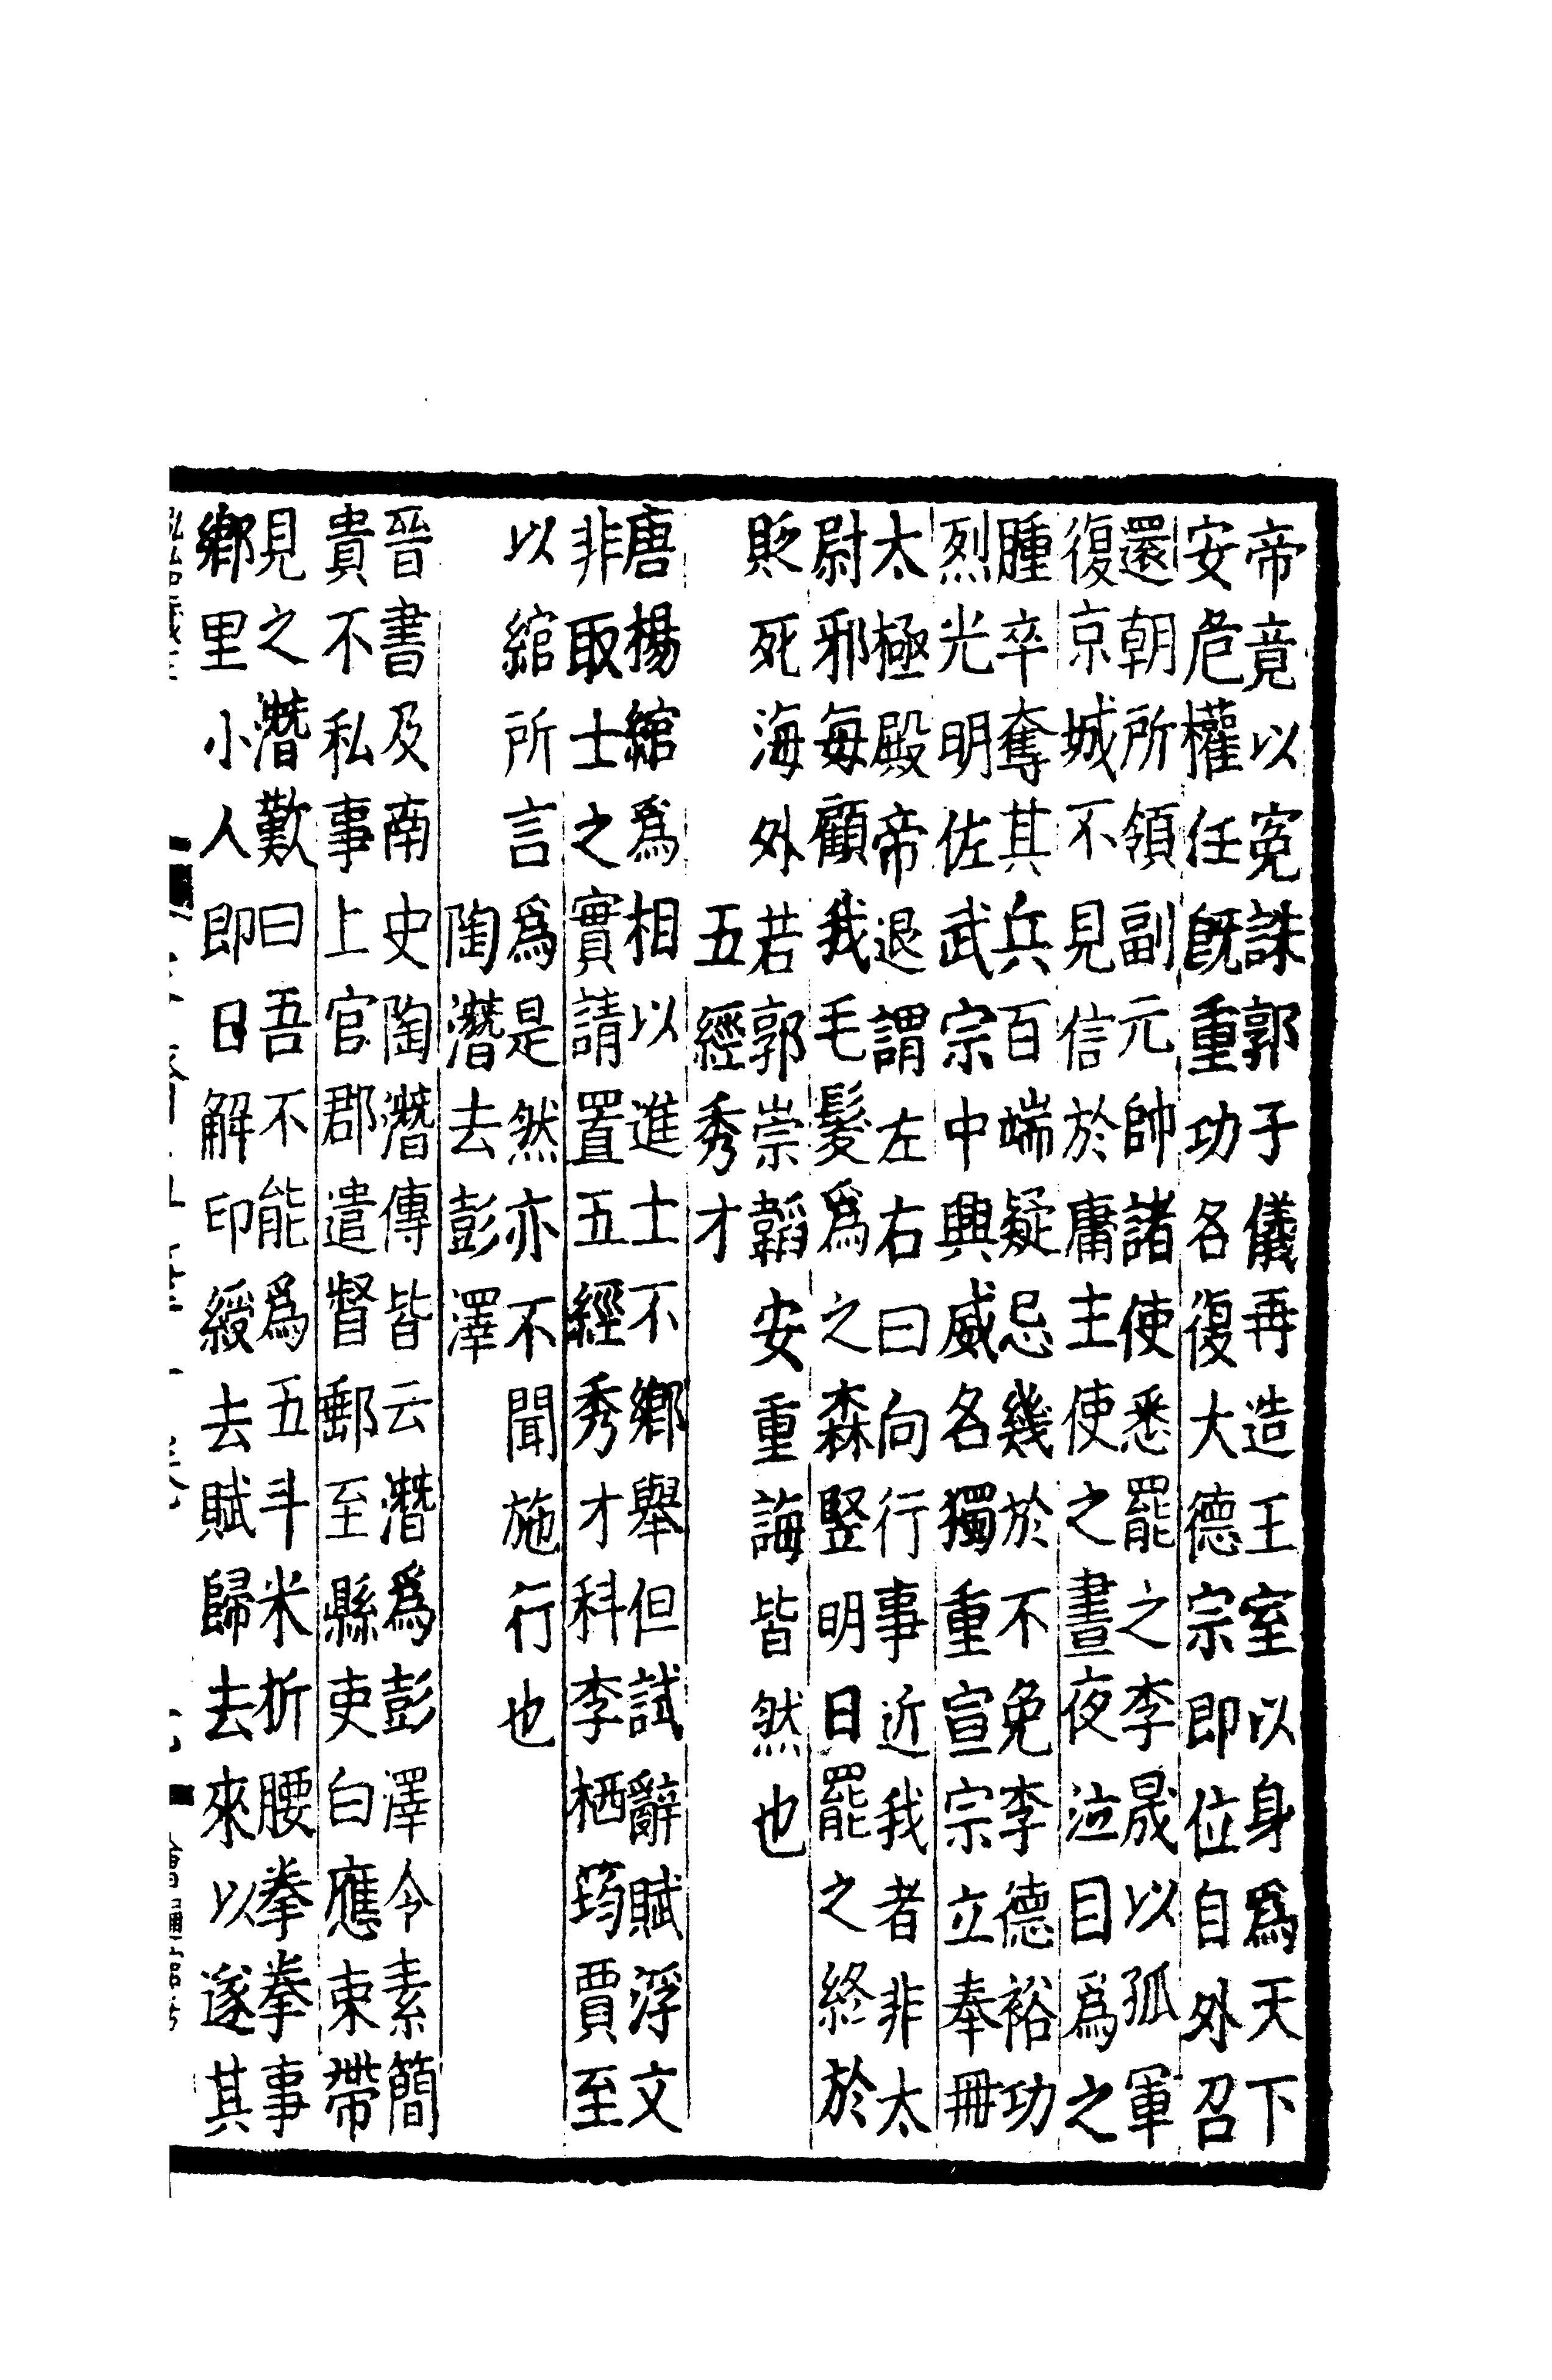 頁面:Sibu Congkan Xubian340-洪邁-容齋隨筆-12-12.djvu/20 - 維基文庫,愛丘山,自由的圖書館